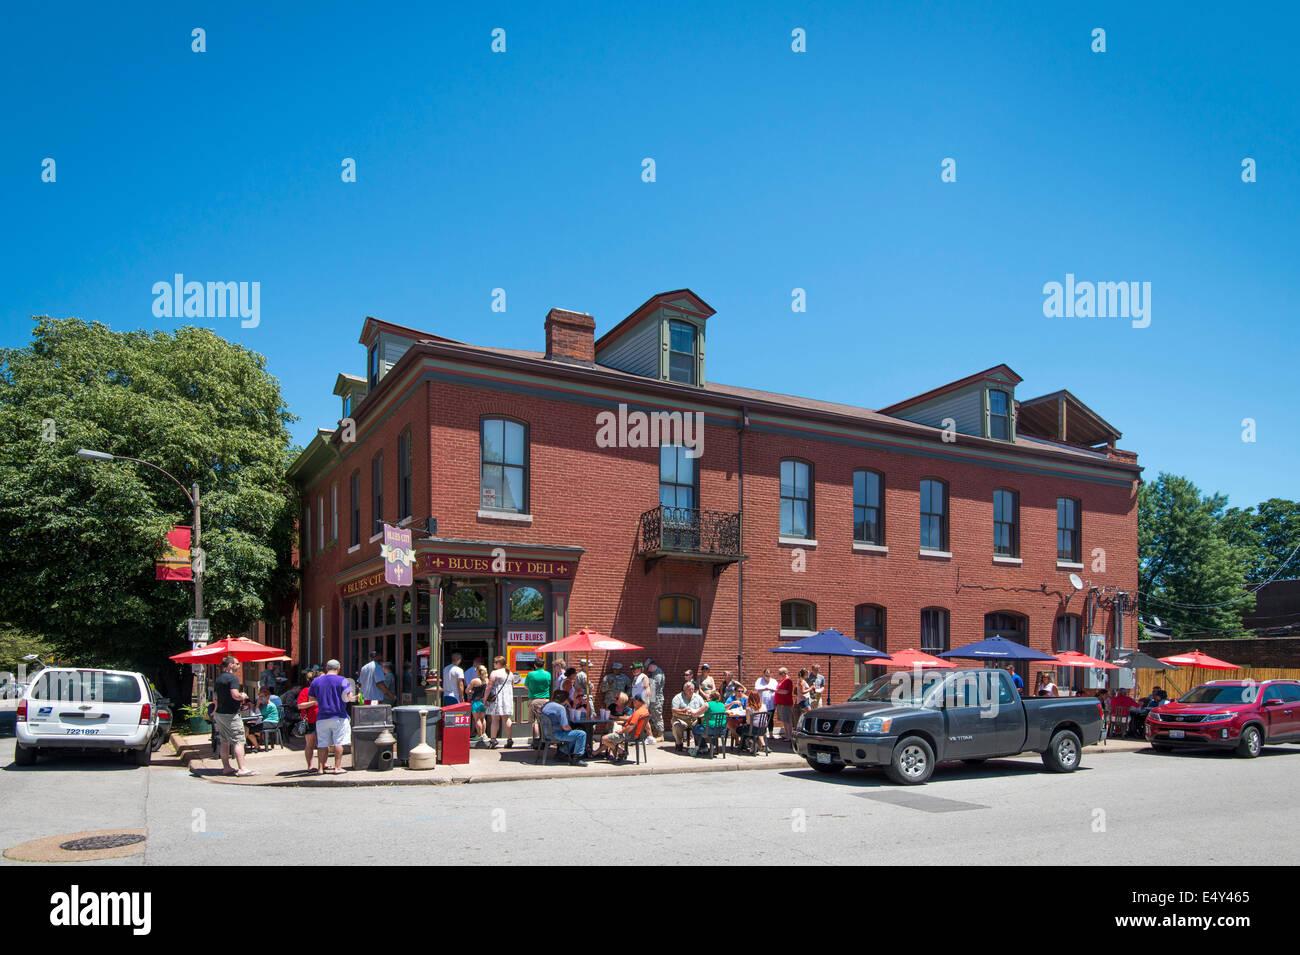 Blues-Stadt Deli, berühmt für seine gute Küche und am Nachmittag ...